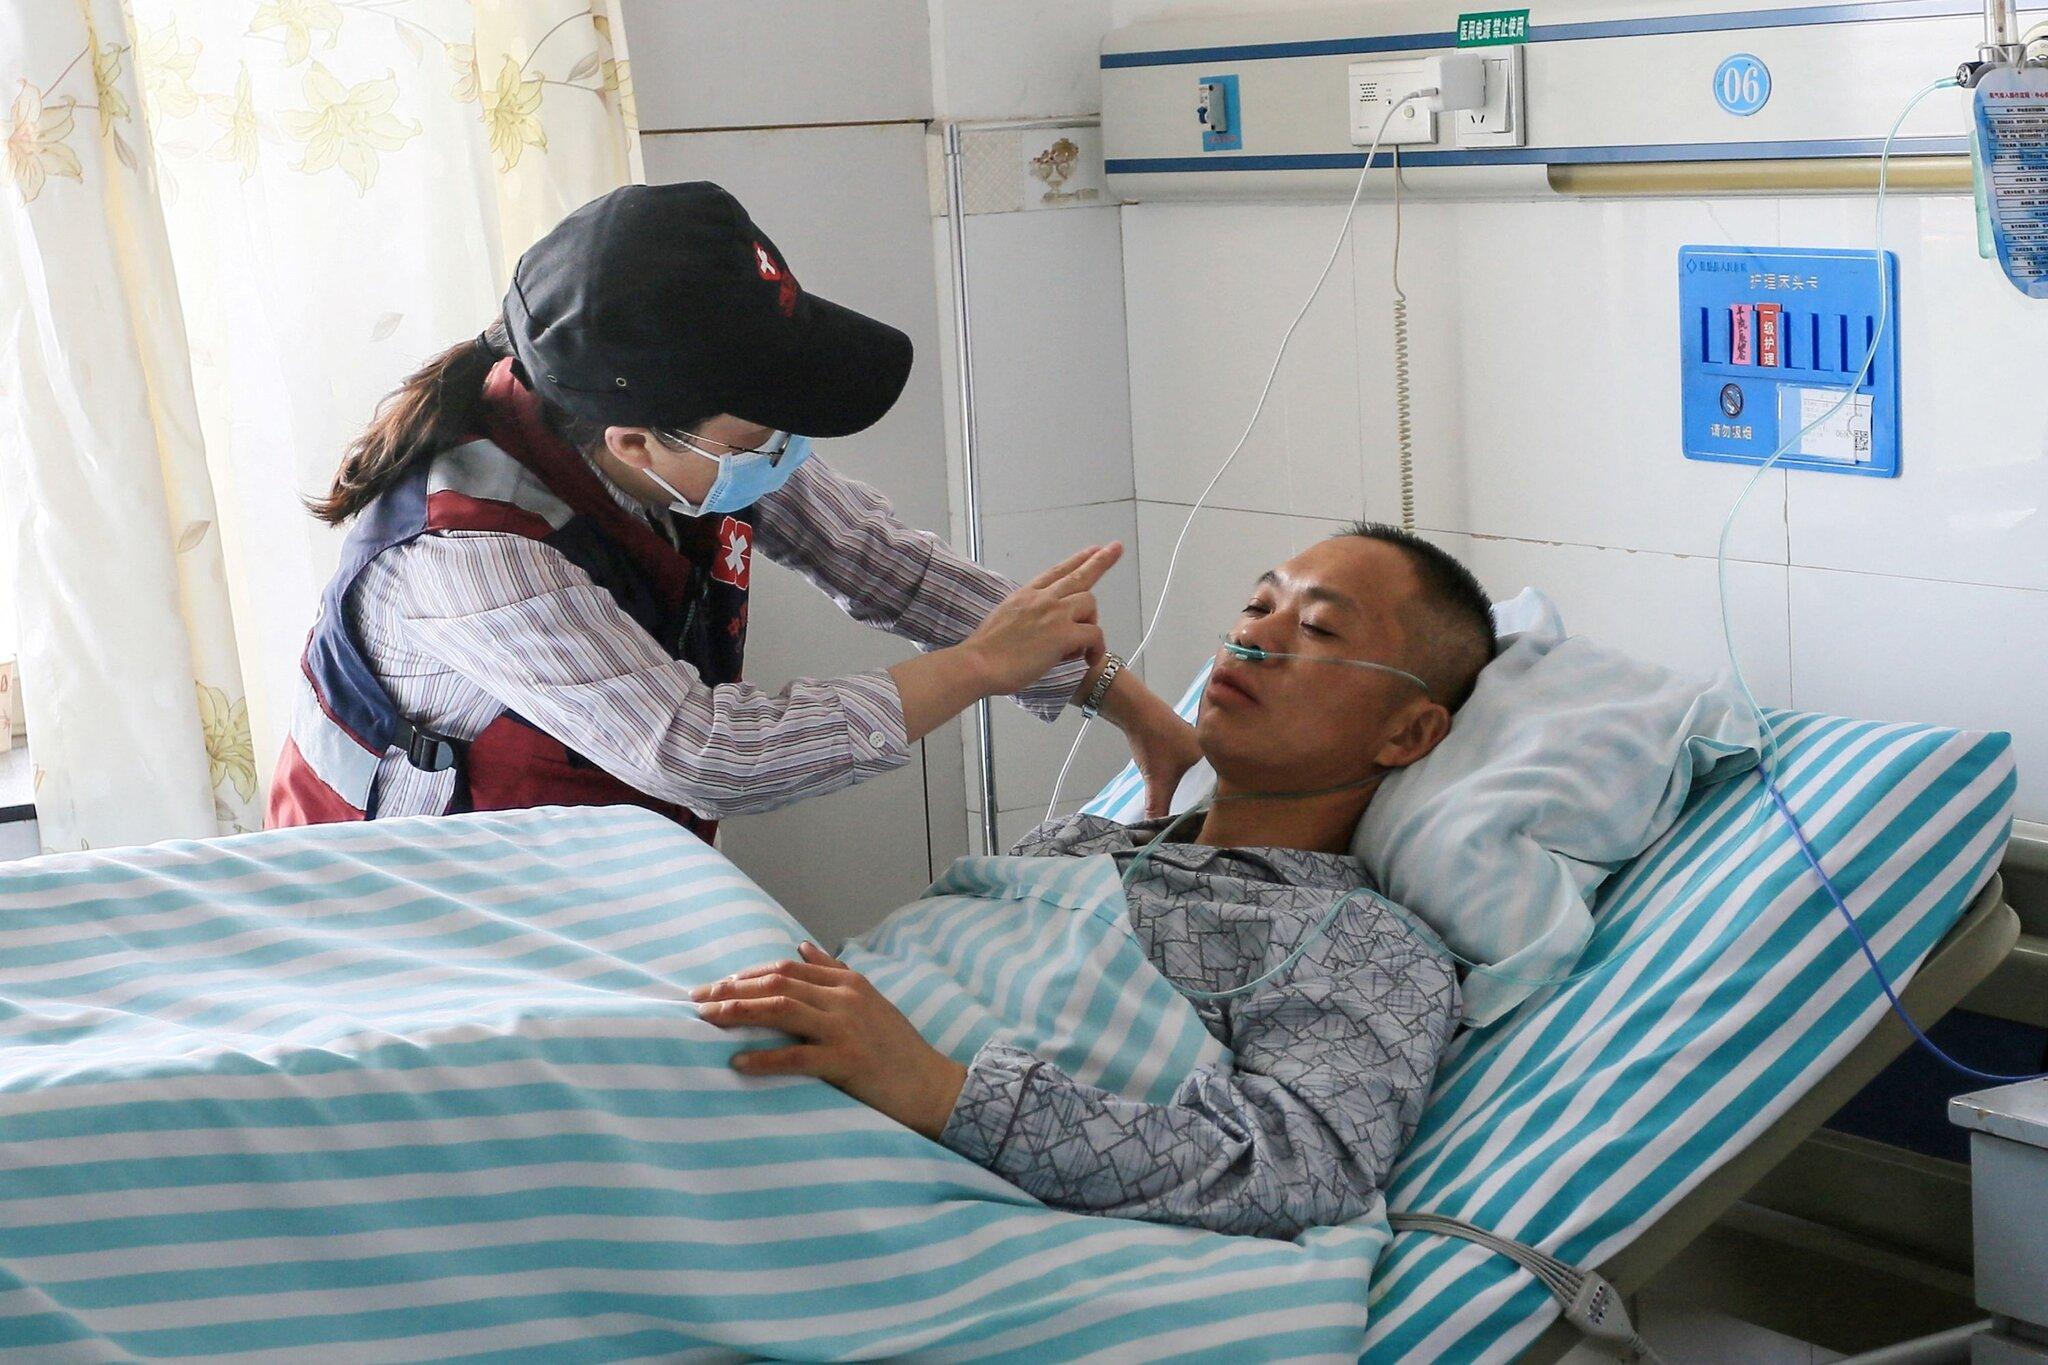 Nhân viên y tế chăm sóc một VĐV được giải cứu từ thảm kịch ở giải chạy tại Cam Túc. Ảnh: AFP